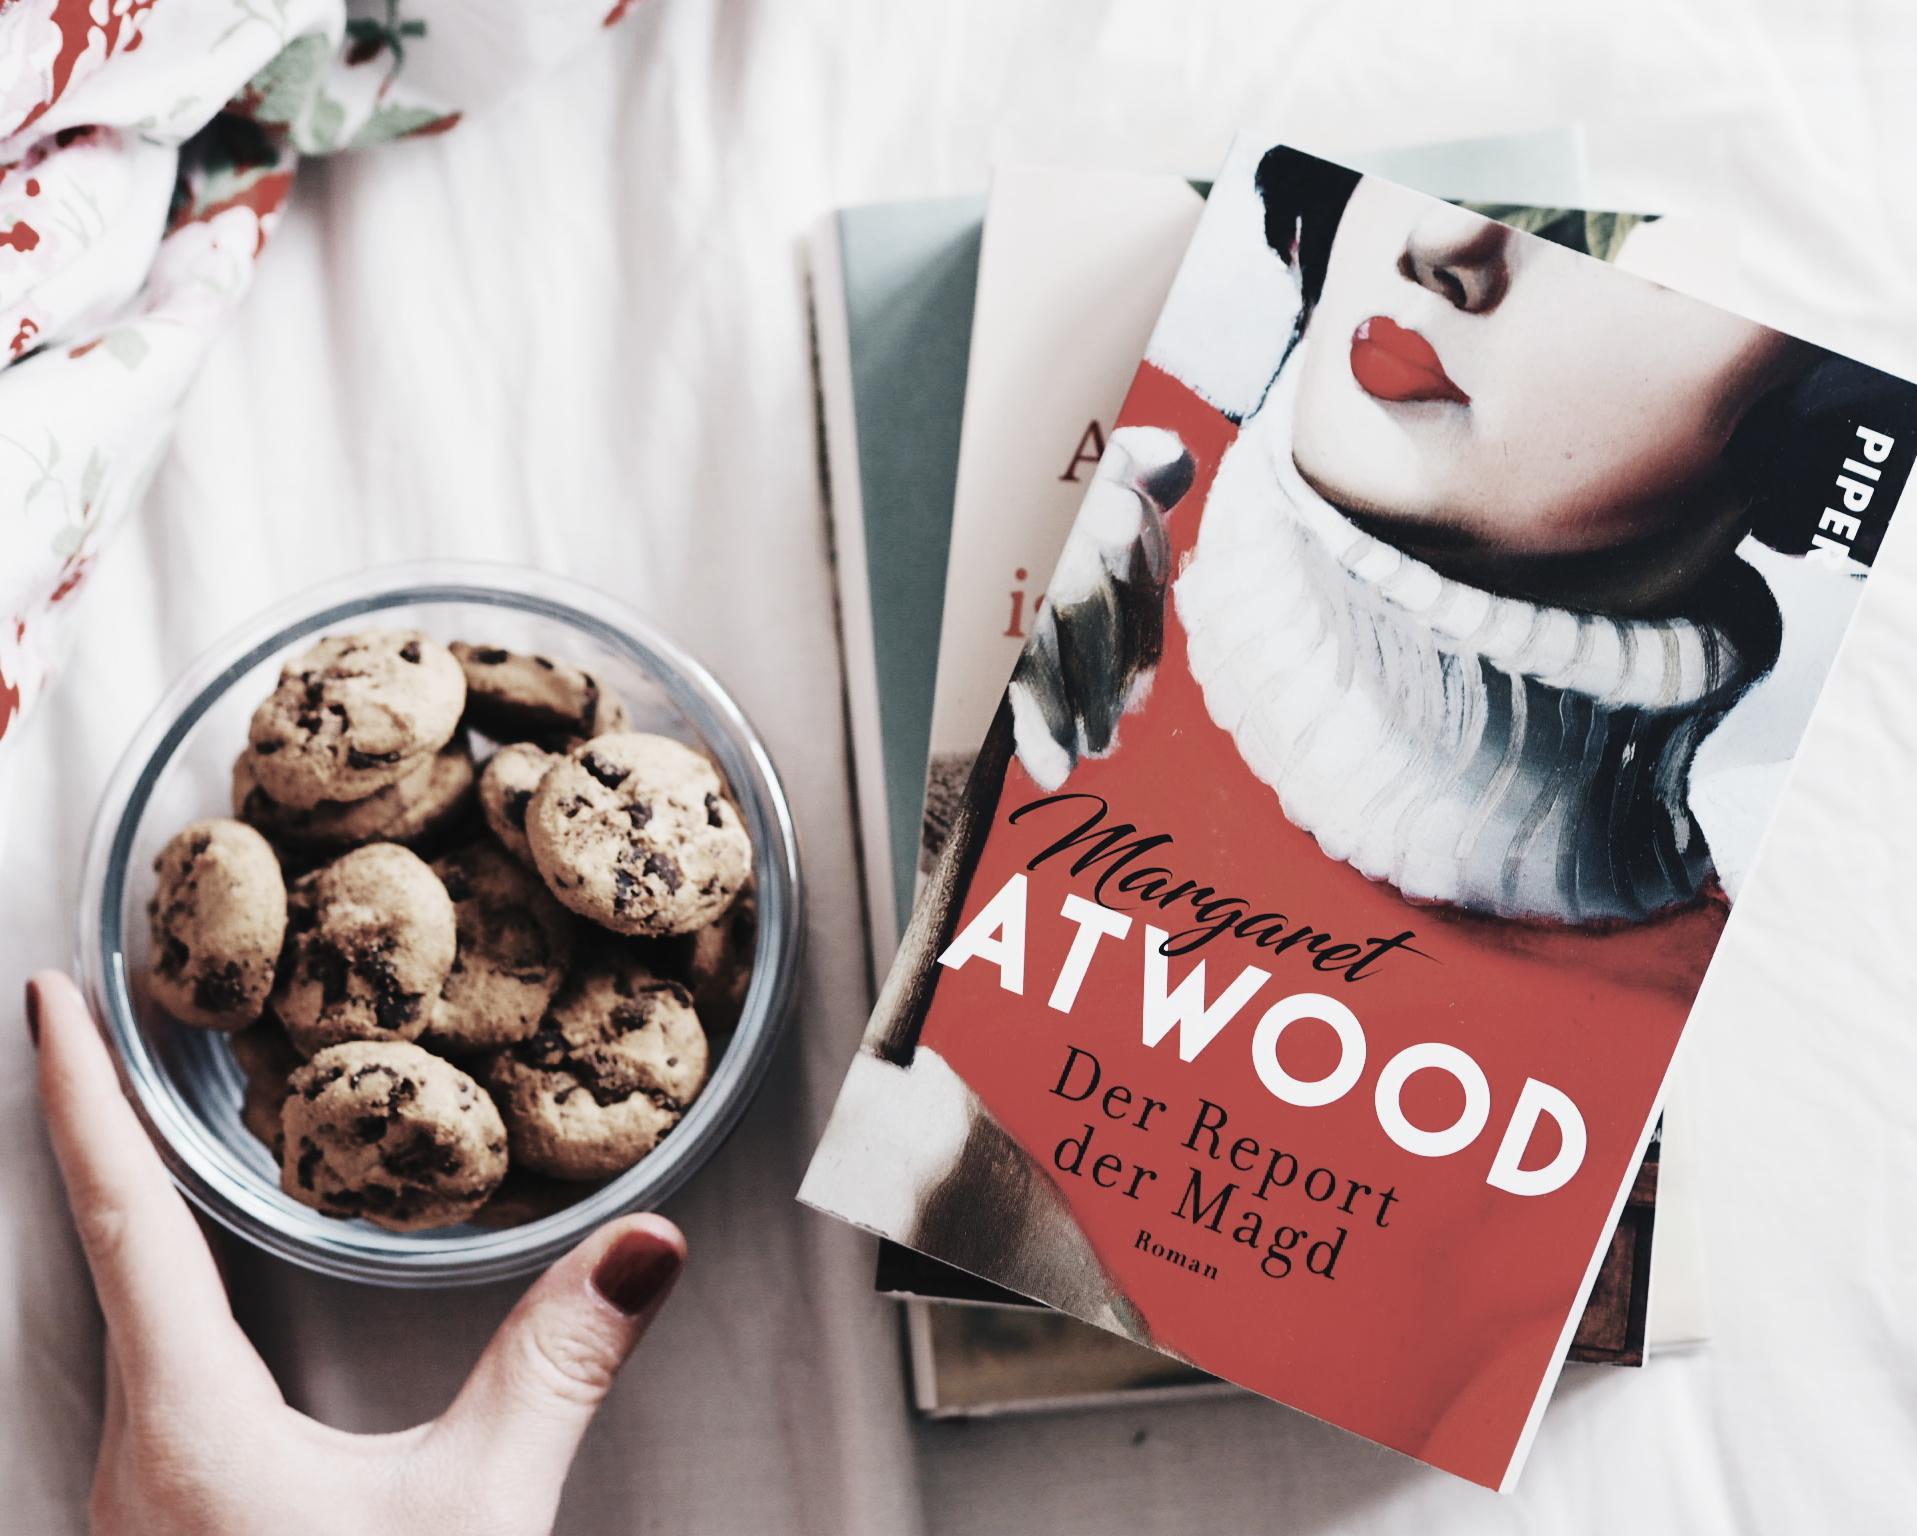 atwood der report der magd